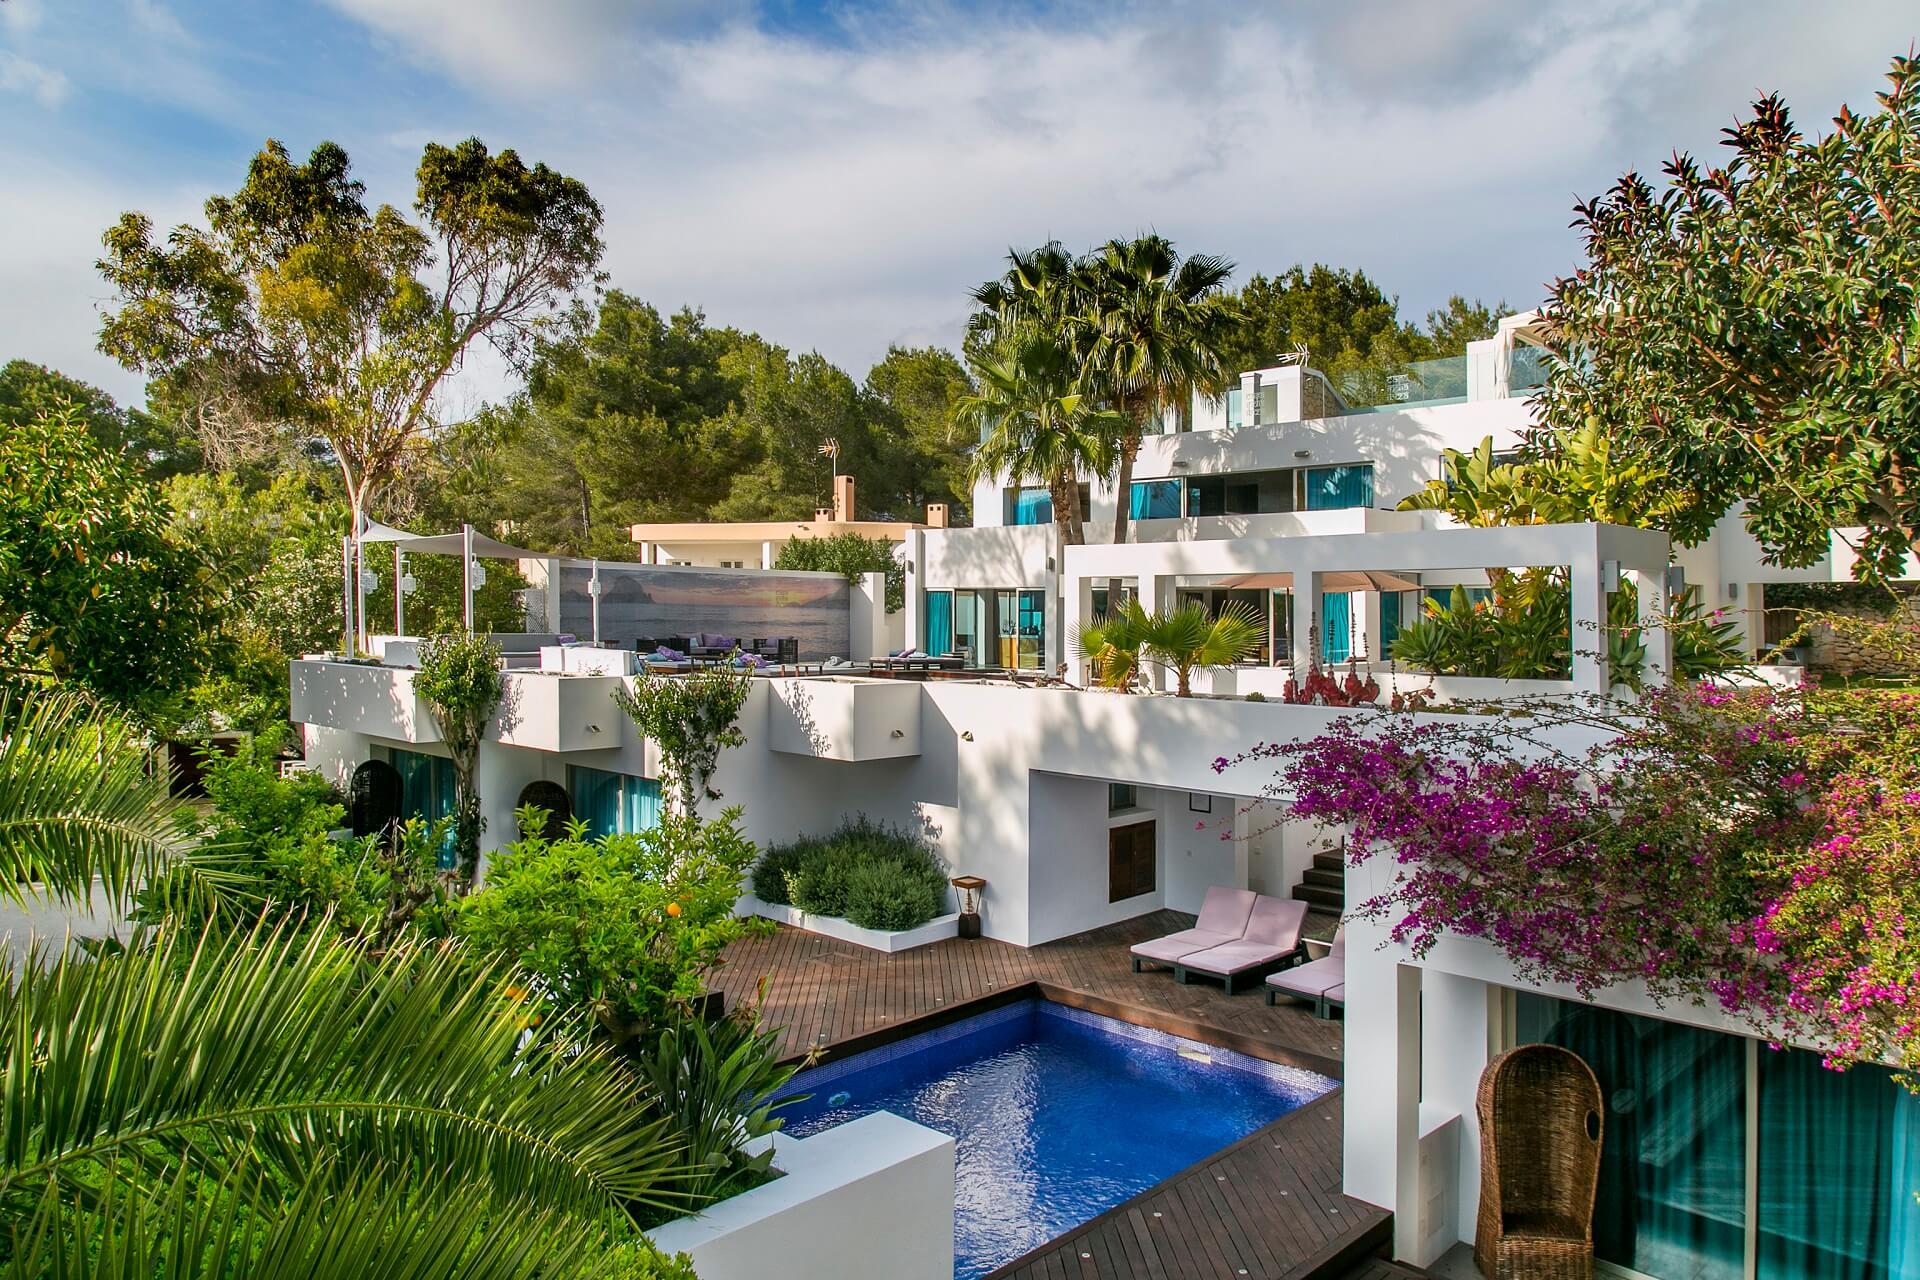 Casa India Ibiza - Exterior view